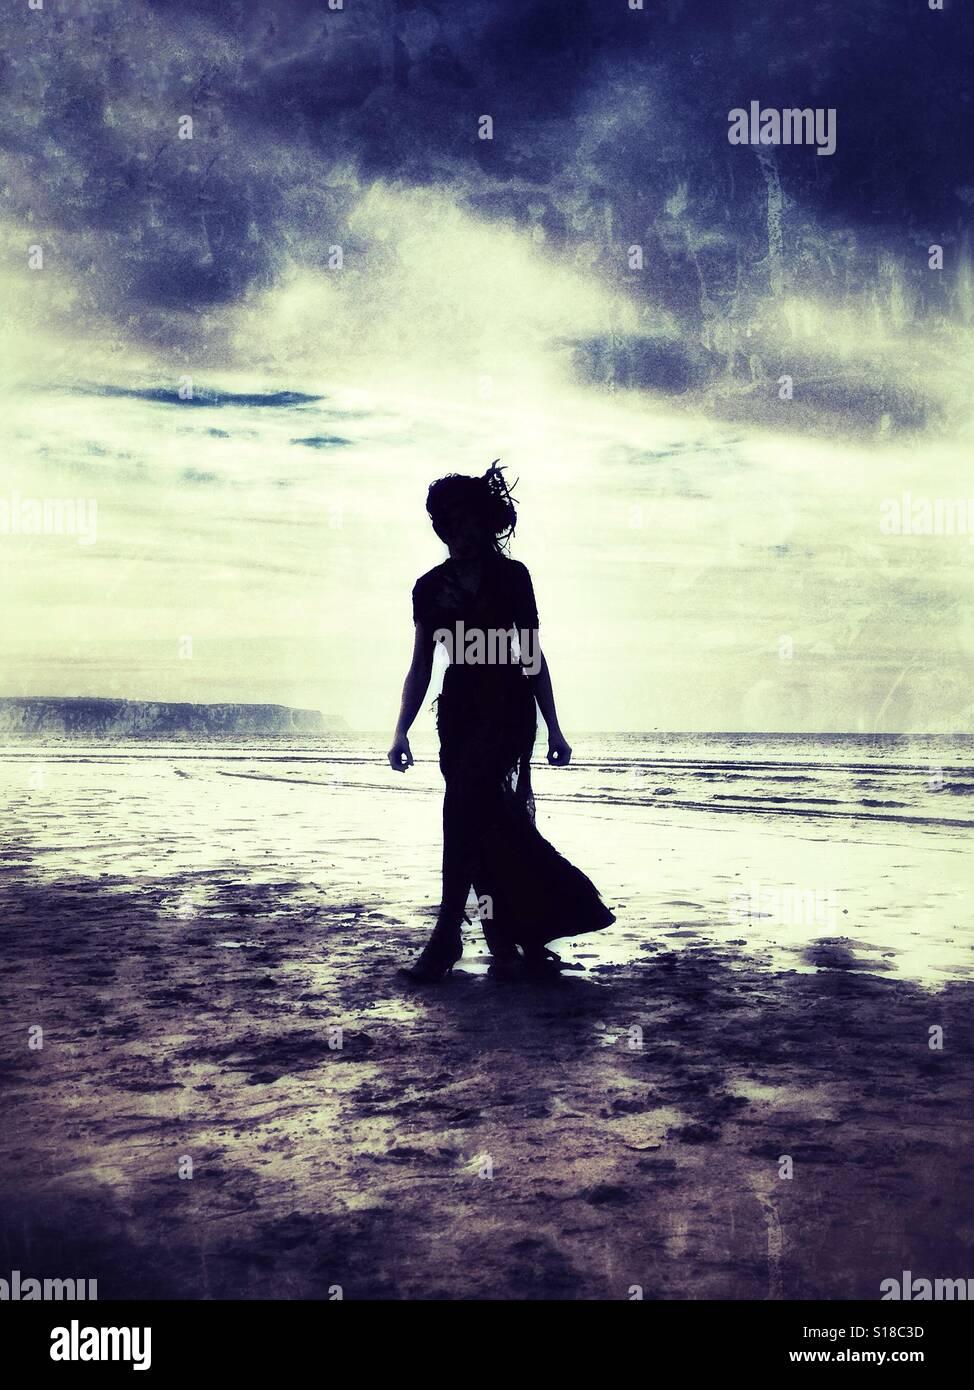 La silhouette mystérieuse femme sur une plage solitaire. Photo Stock